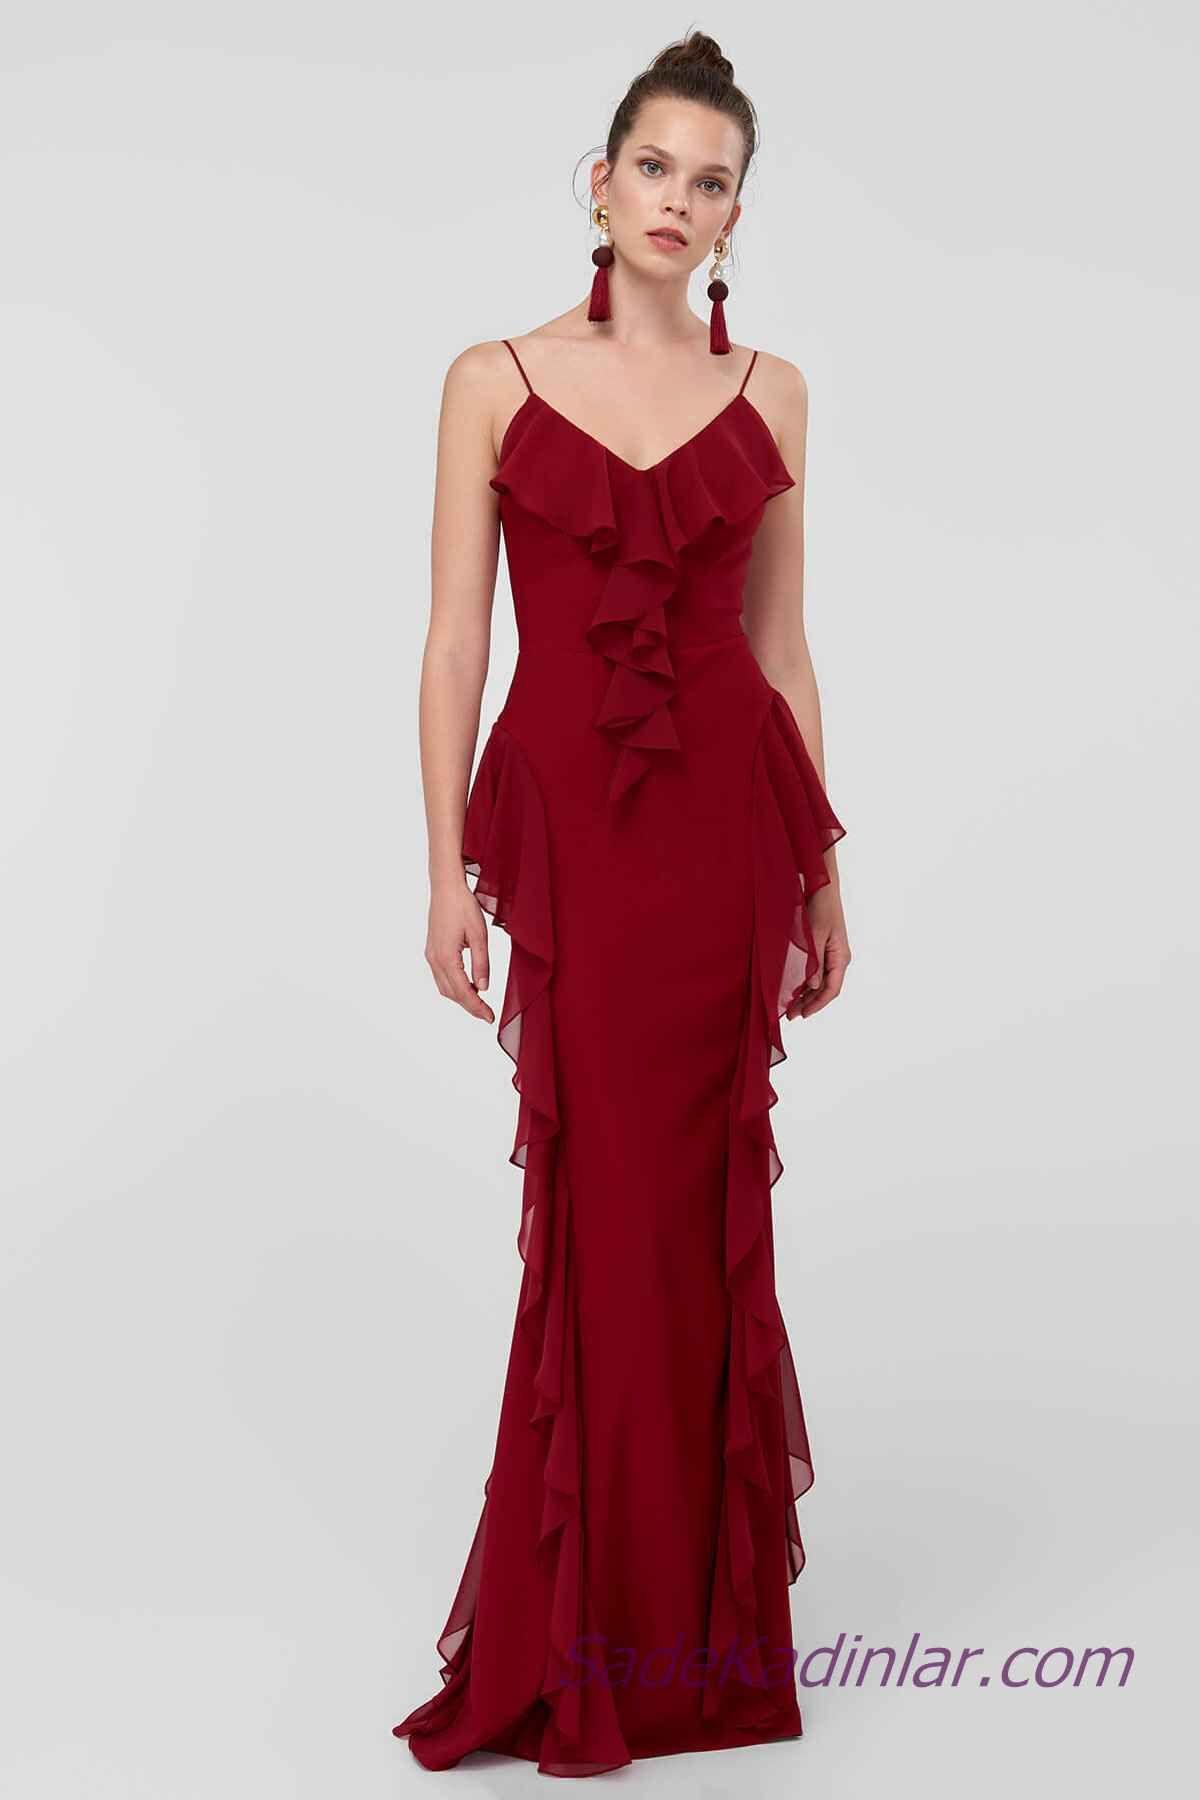 cbc8570c713e7 2019 Abiye Elbise Modelleri Bordo Uzun İp Askılı Yaka ve Yanlar Fırfır  Detaylı